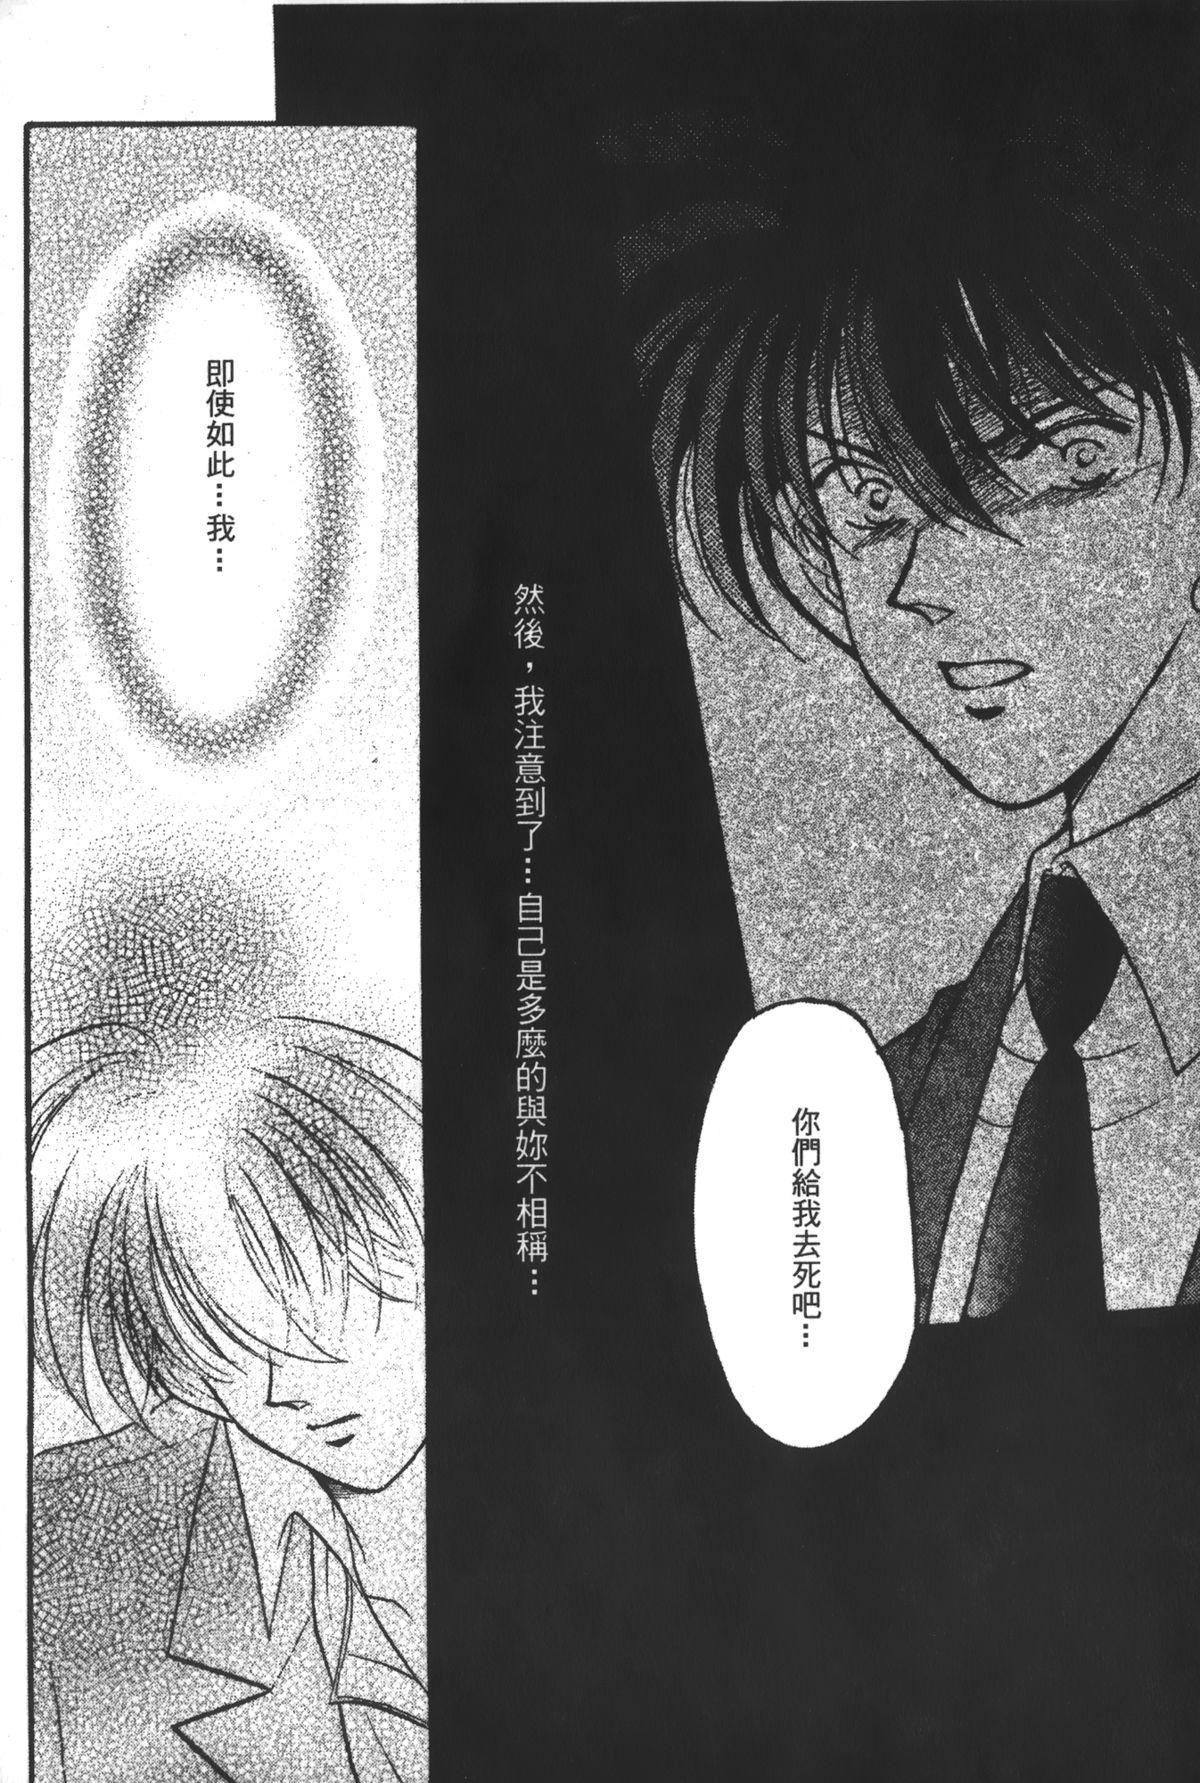 Detective Assistant Vol. 14 77